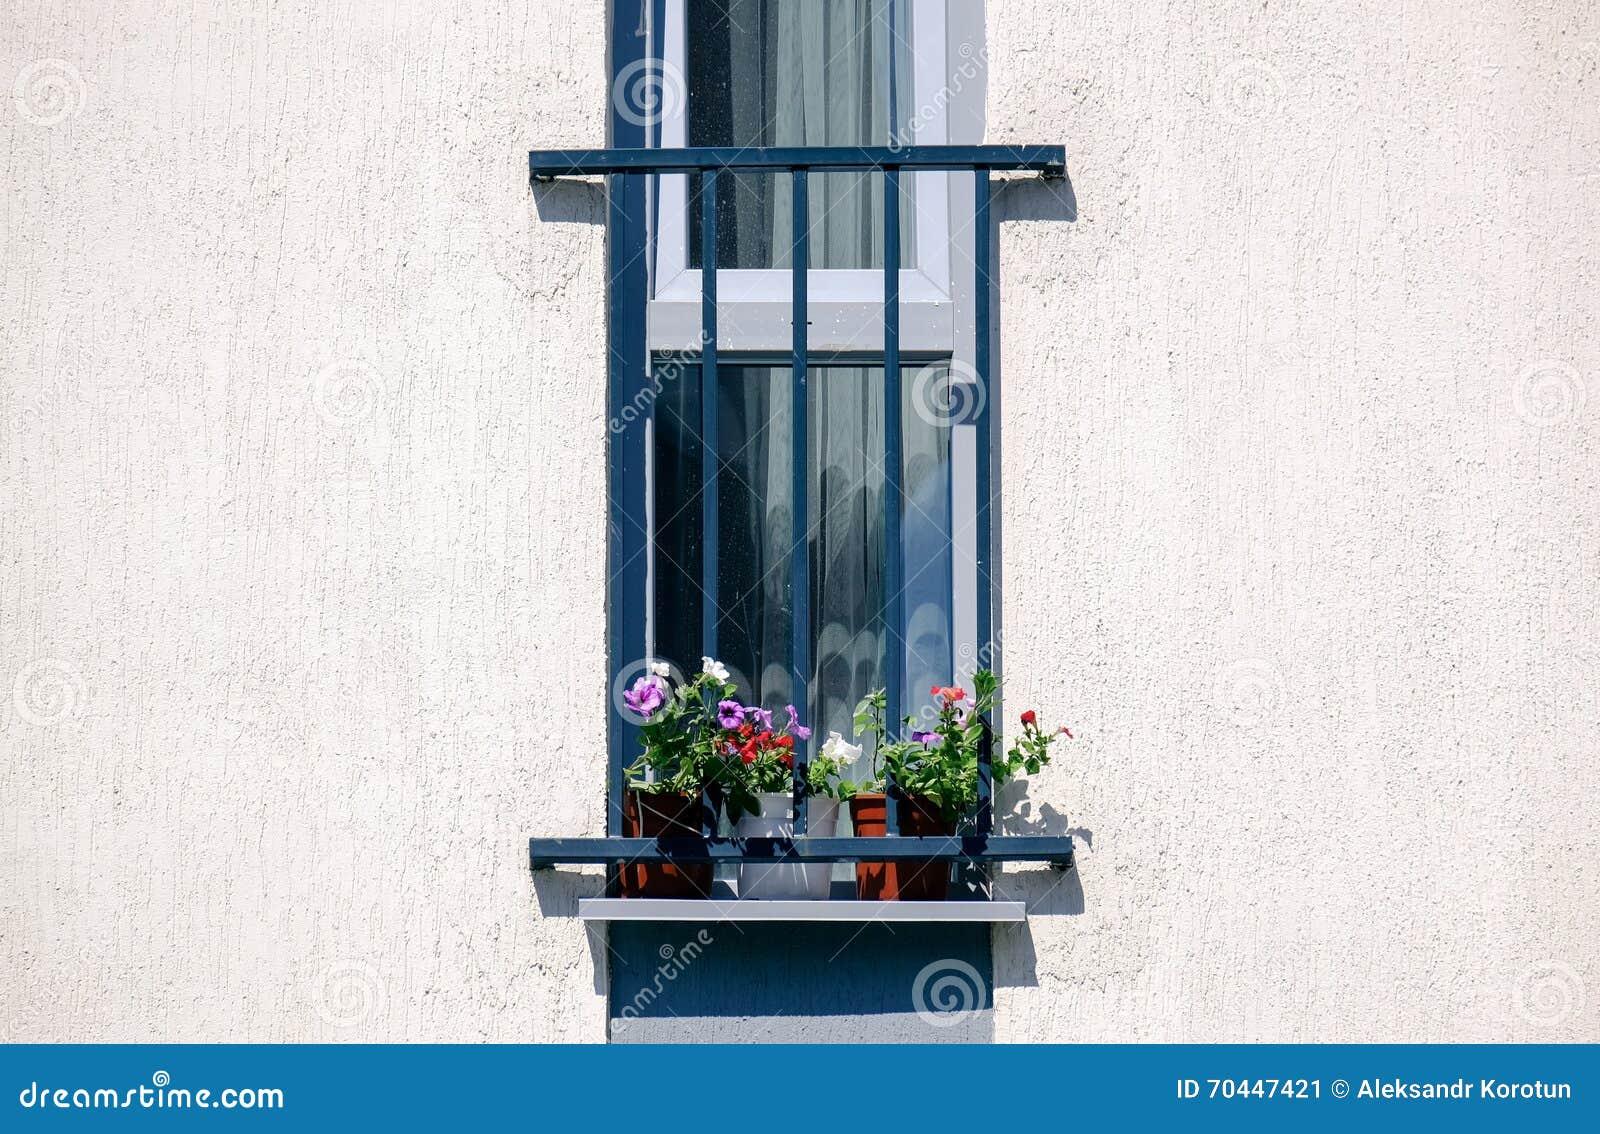 Franzosischer Balkon Mit Blumen Im Weissen Haus Stockbild Bild Von